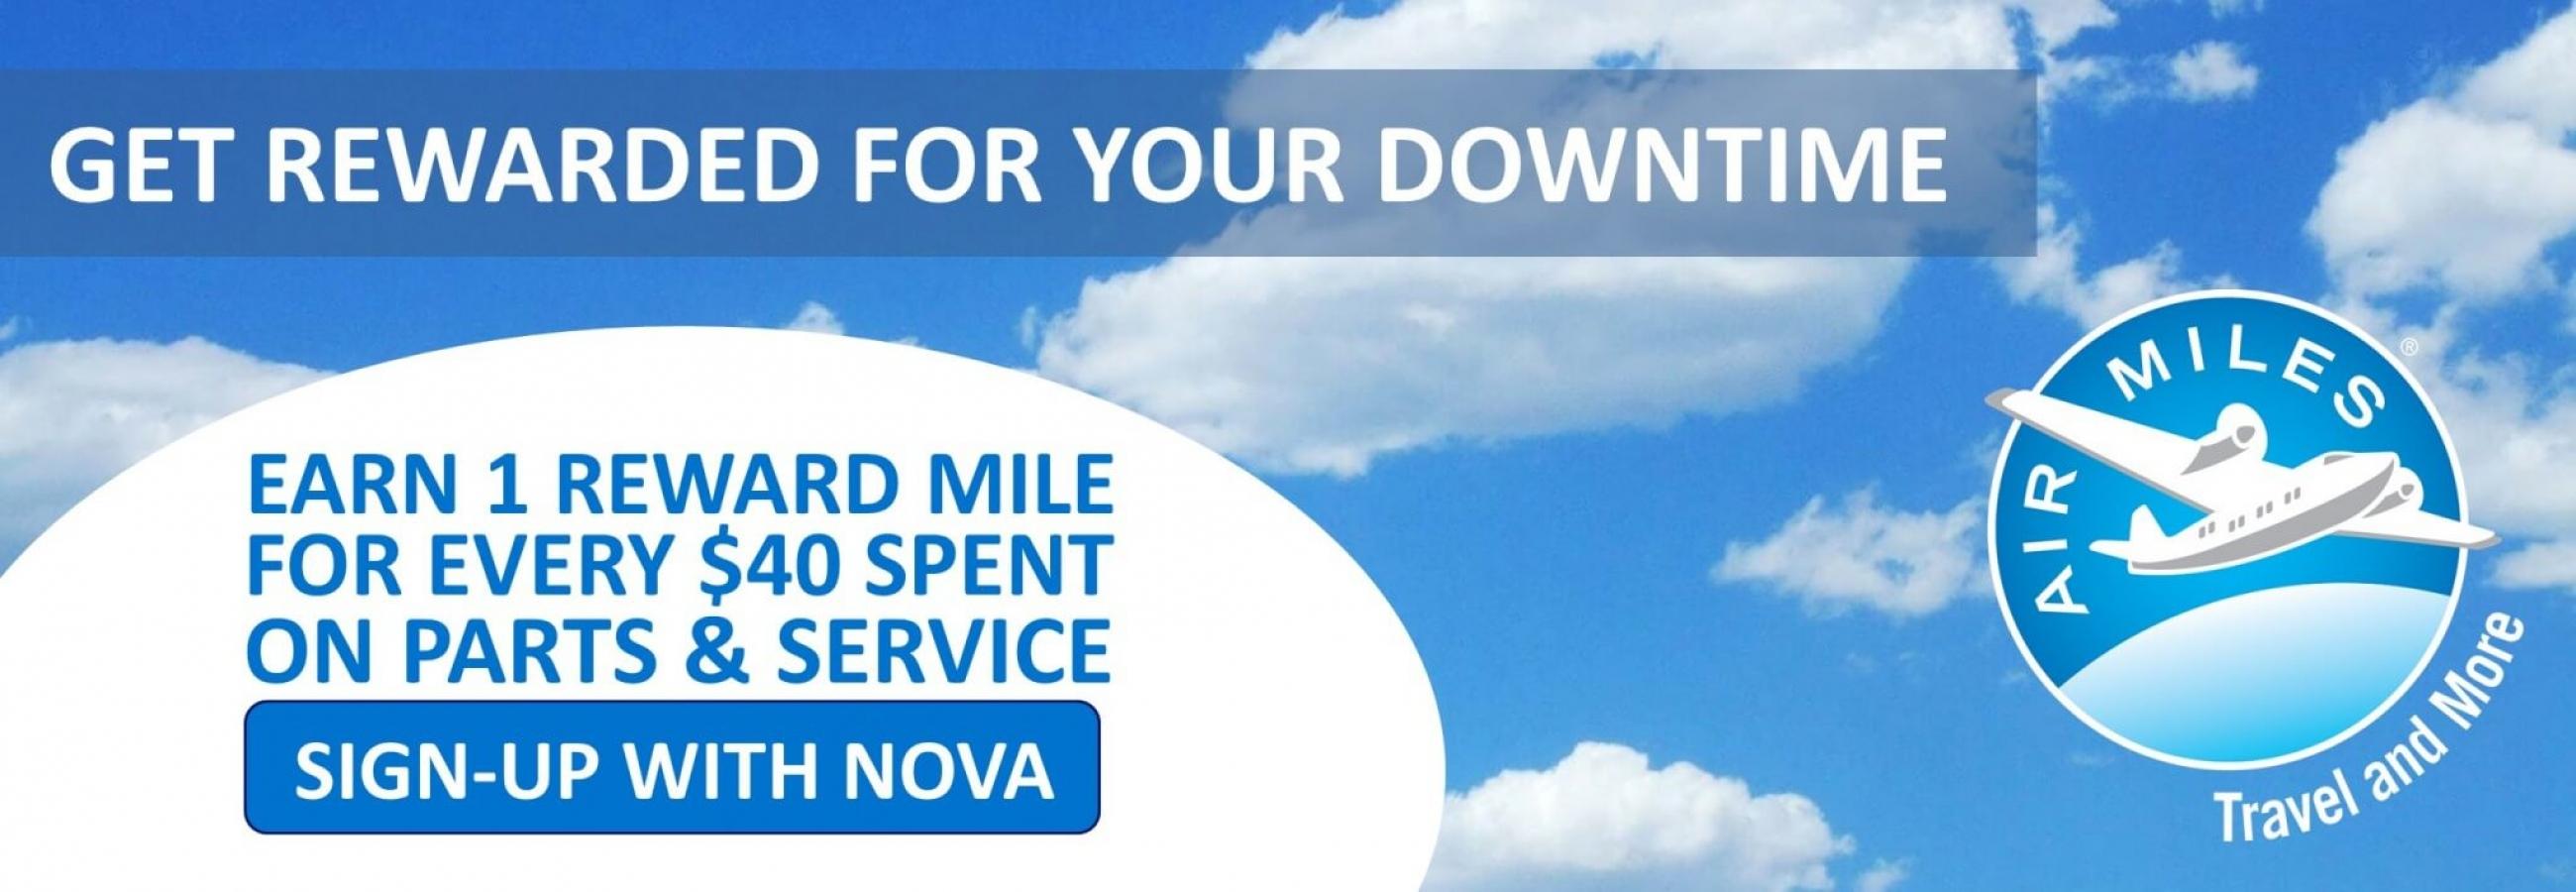 Air miles car rental coupons